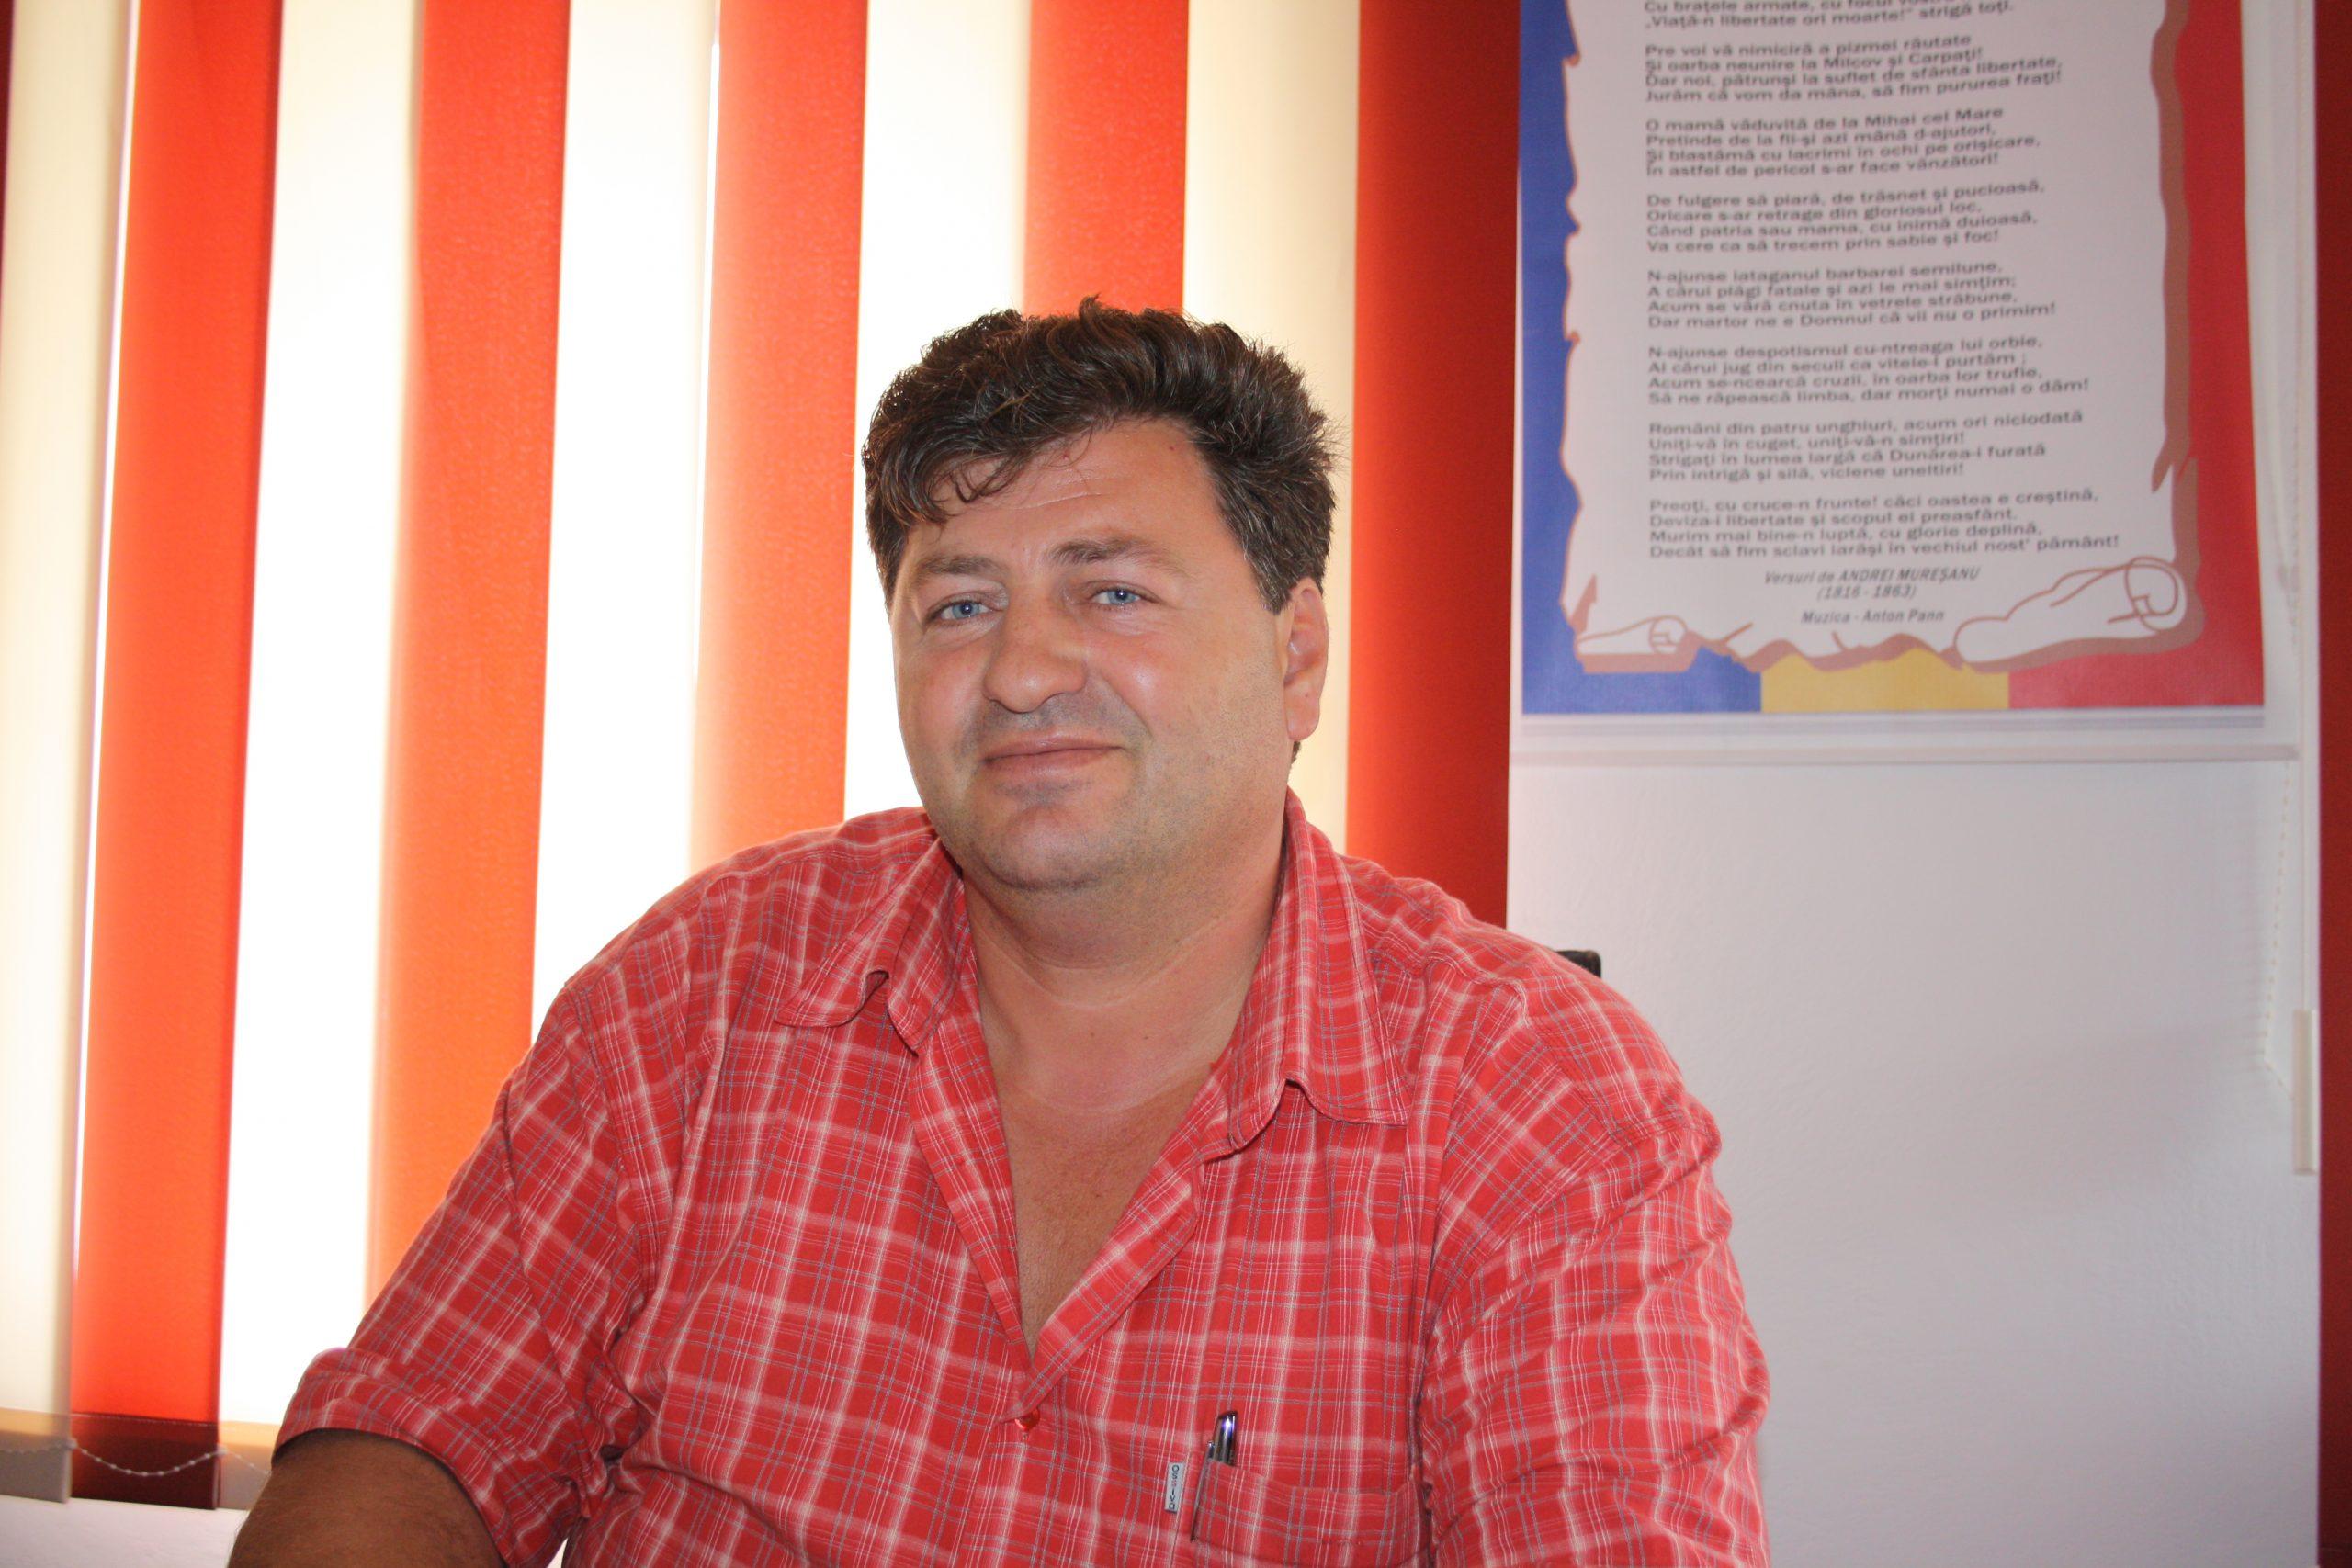 Proiecte îndrăzneţe, în acest mandat, la Şuşani